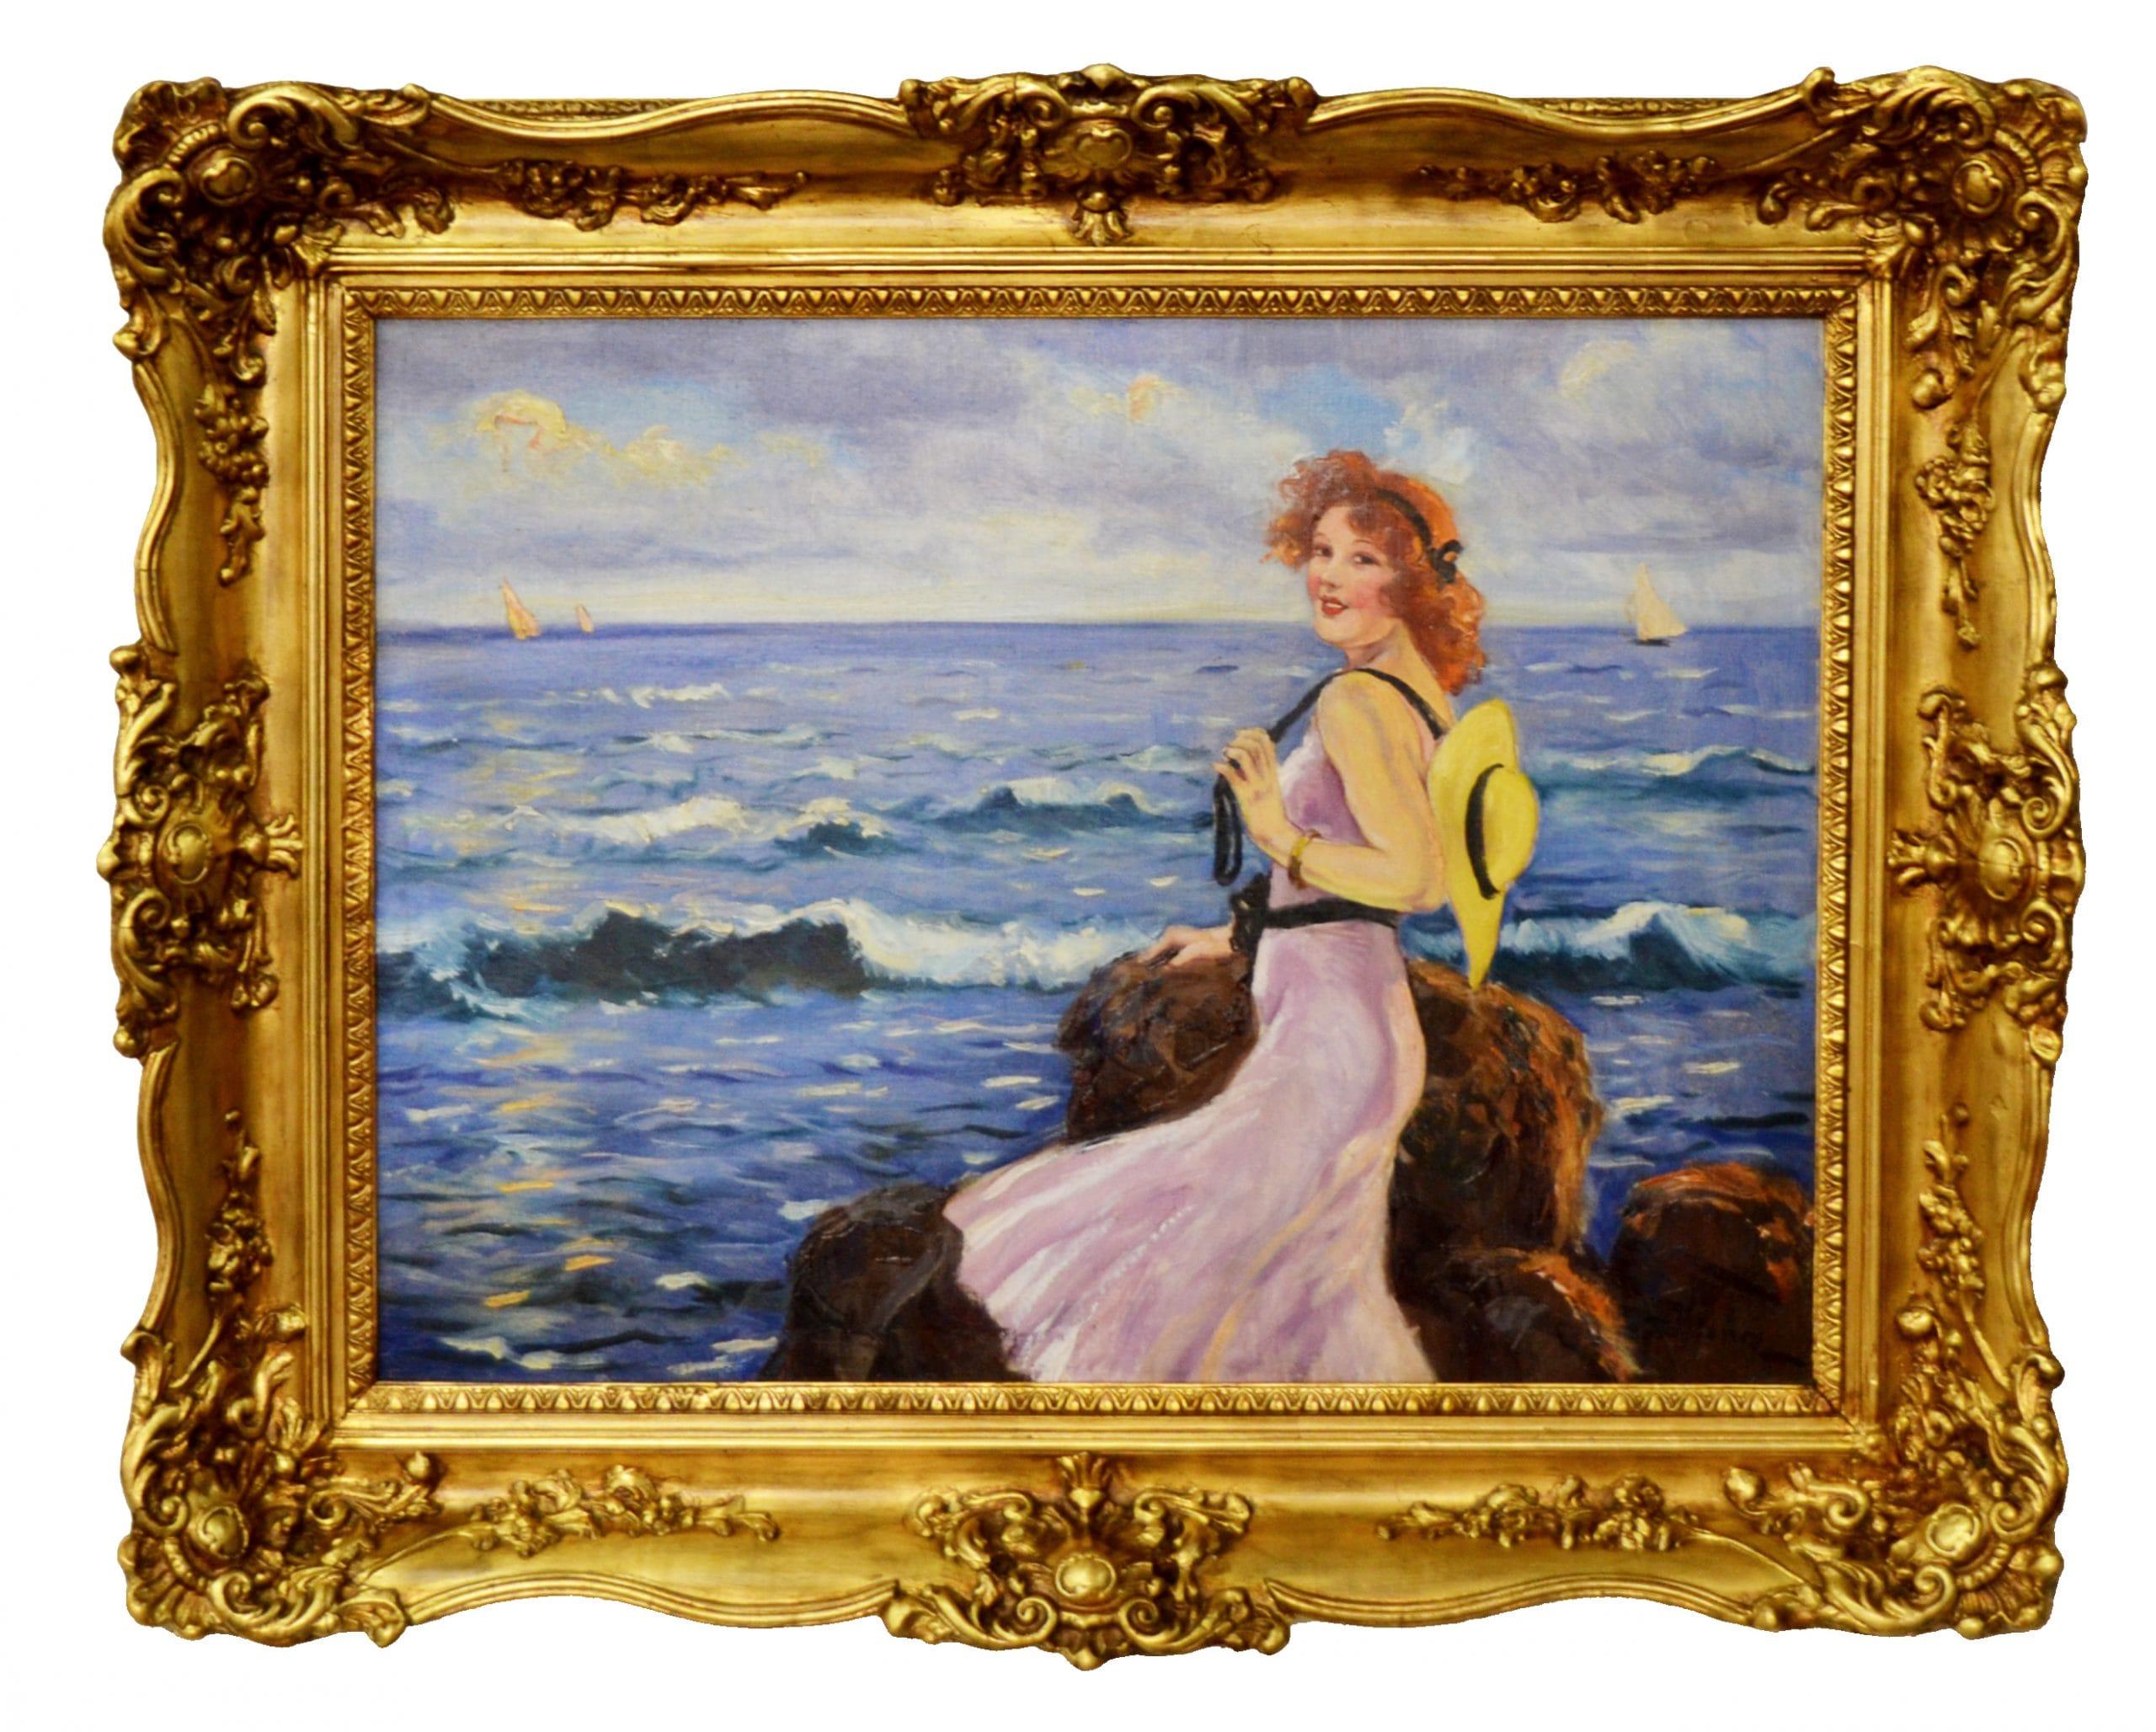 Illencz Lipót: Lány a tengerparton